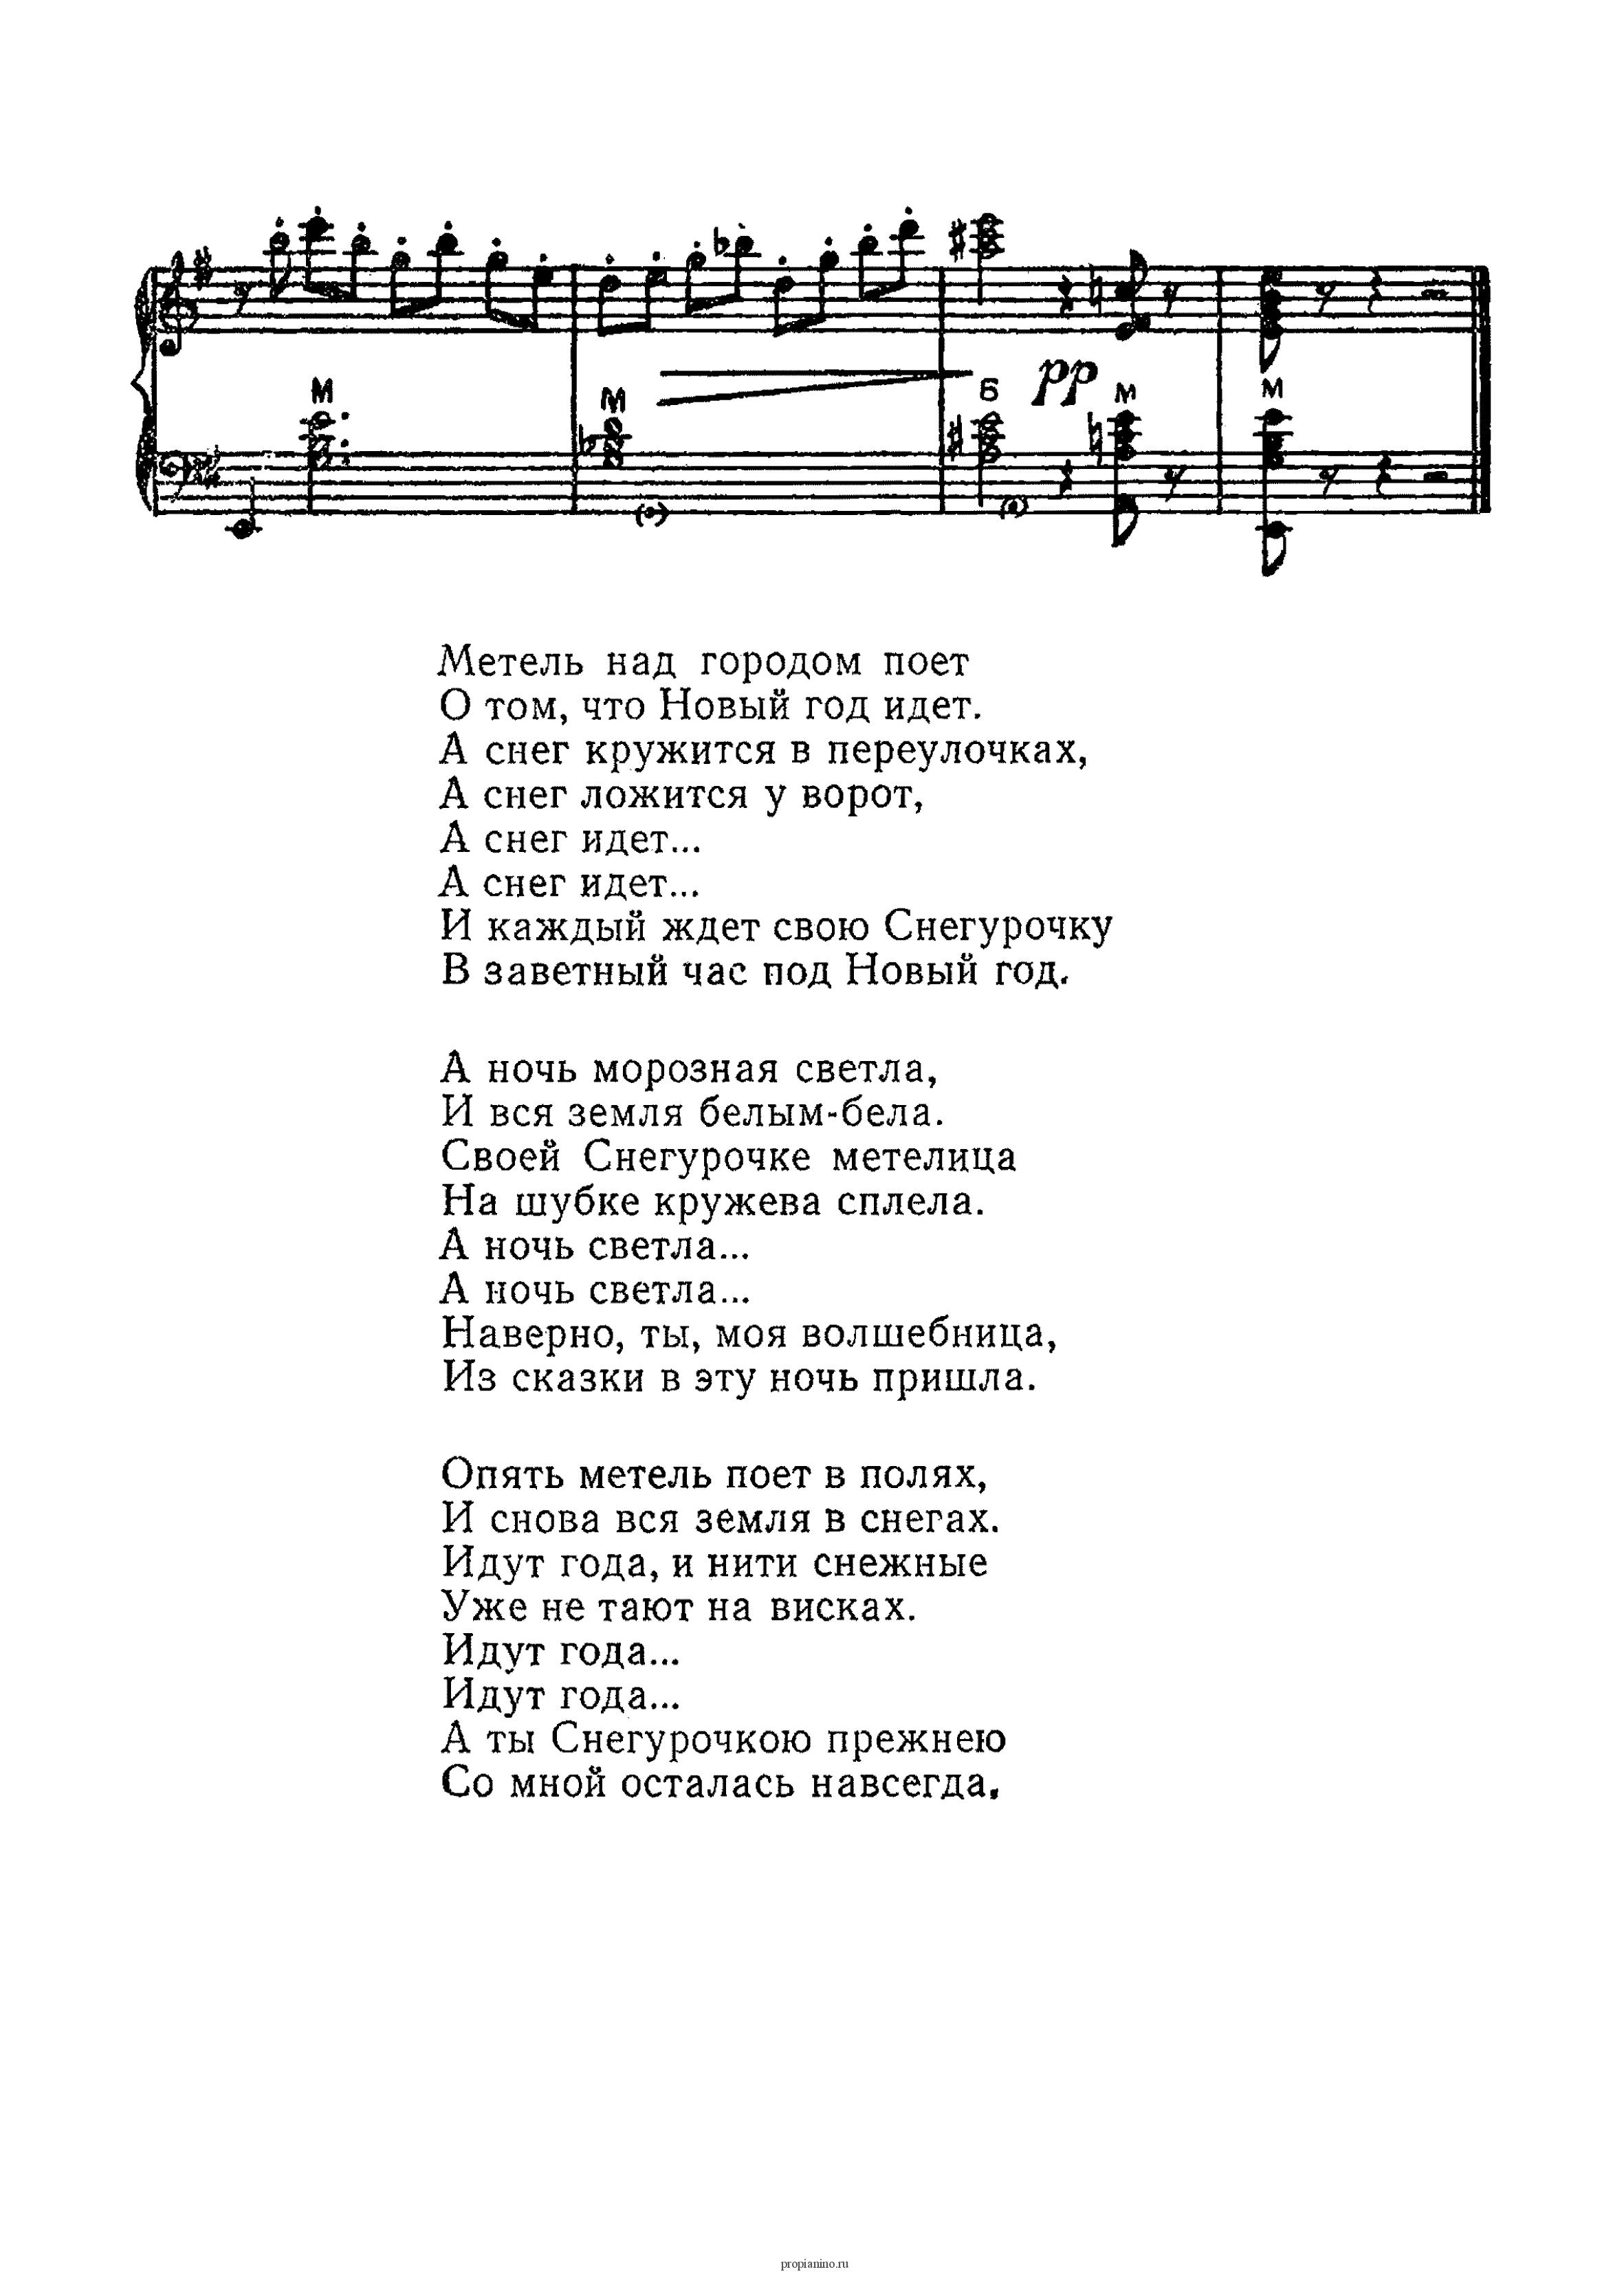 Кружева песня кто поет